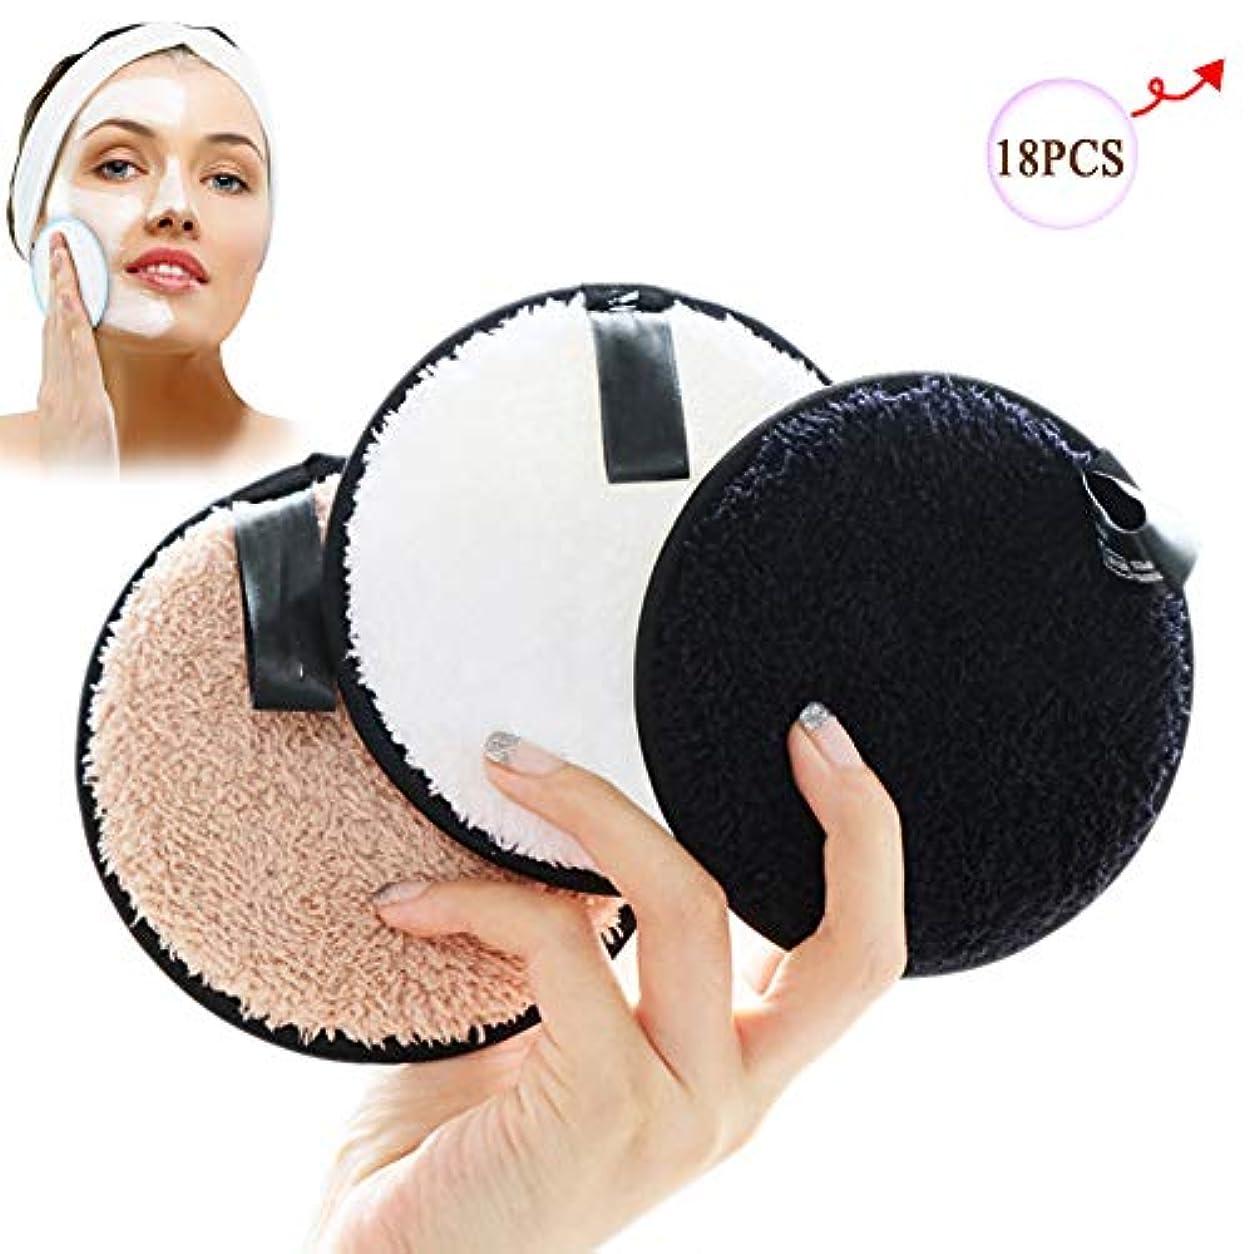 贈り物アルネ邪魔除去剤のパッド、女性の表面/目/唇のための再使用可能な清潔になる綿繊維の構造の除去剤のワイプ,18PCS